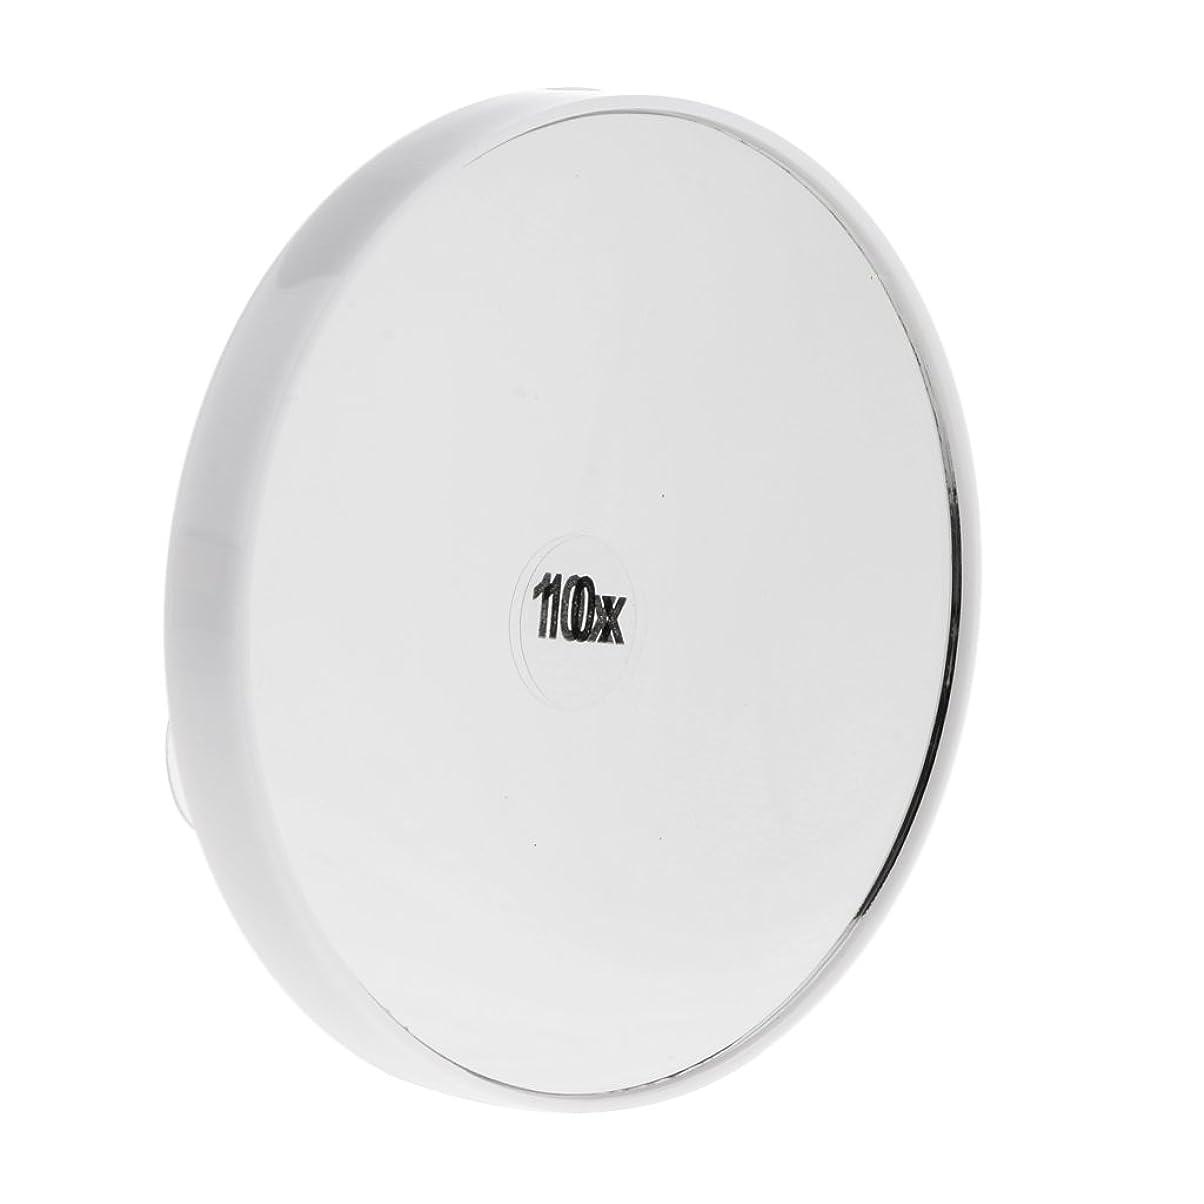 オゾン登録購入Baosity メイクアップミラー メイクミラー 化粧ミラー 化粧鏡 10倍拡大鏡 強力吸盤付き メイクアップ インテリア 2色選べる - 白